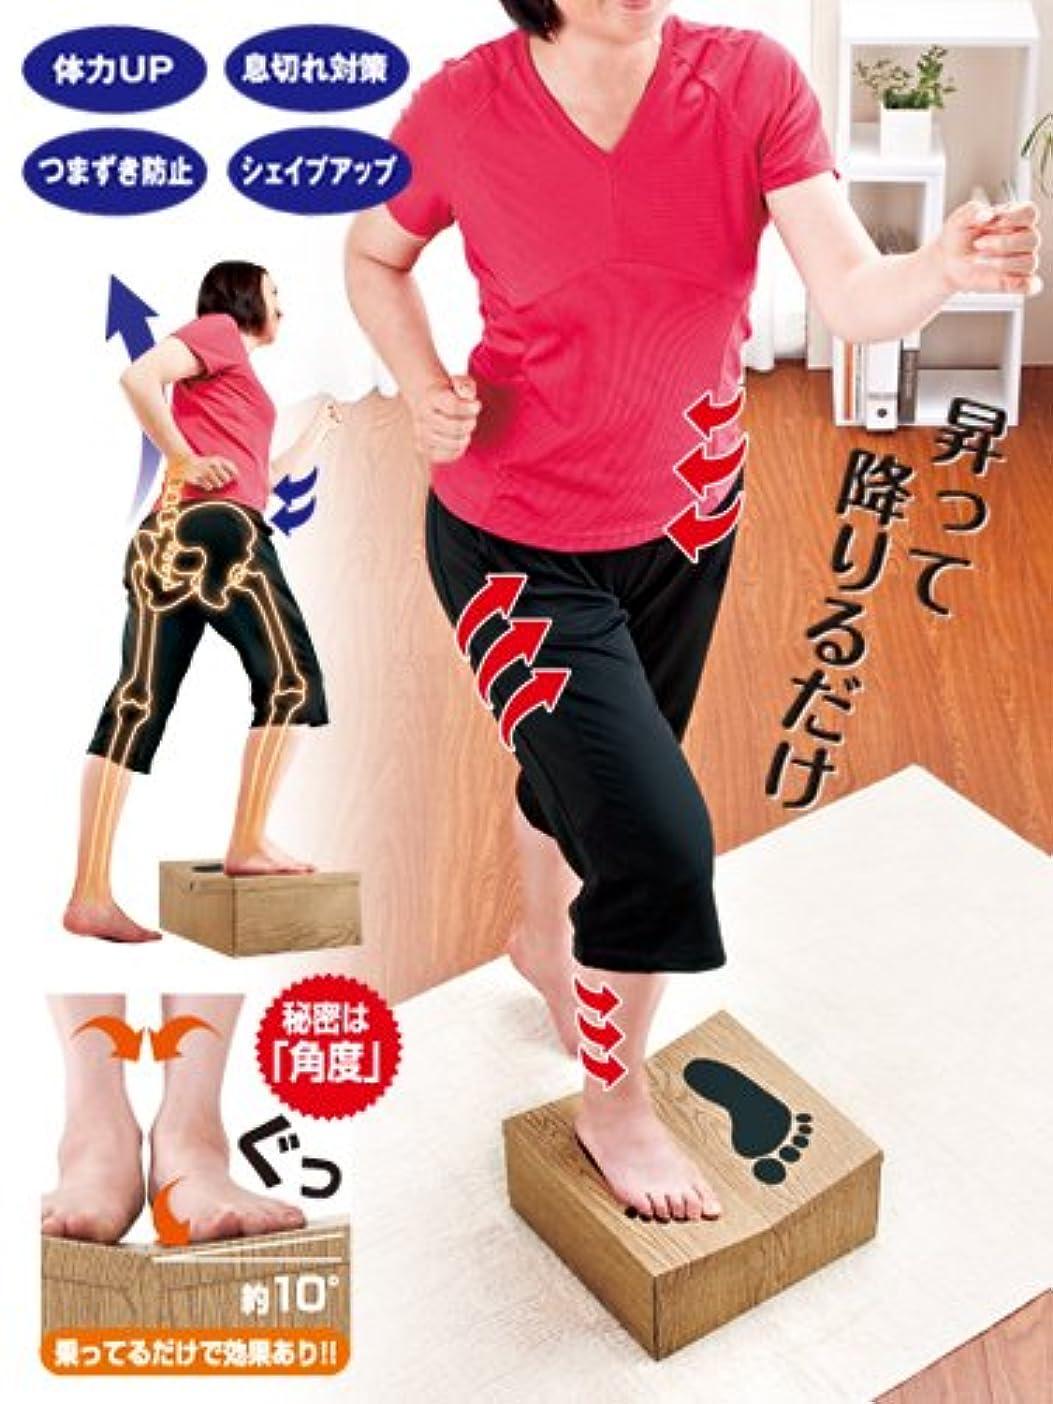 愛人レーザ路面電車どこでもエクササイズフミッパー 踏み台運動 フミッパー ステップ運動 踏み台 ステップ体操 上り下り運動 有酸素運動 つまずき防止 ダイエット器具 健康器具 リハビリ 踏み台昇降運動